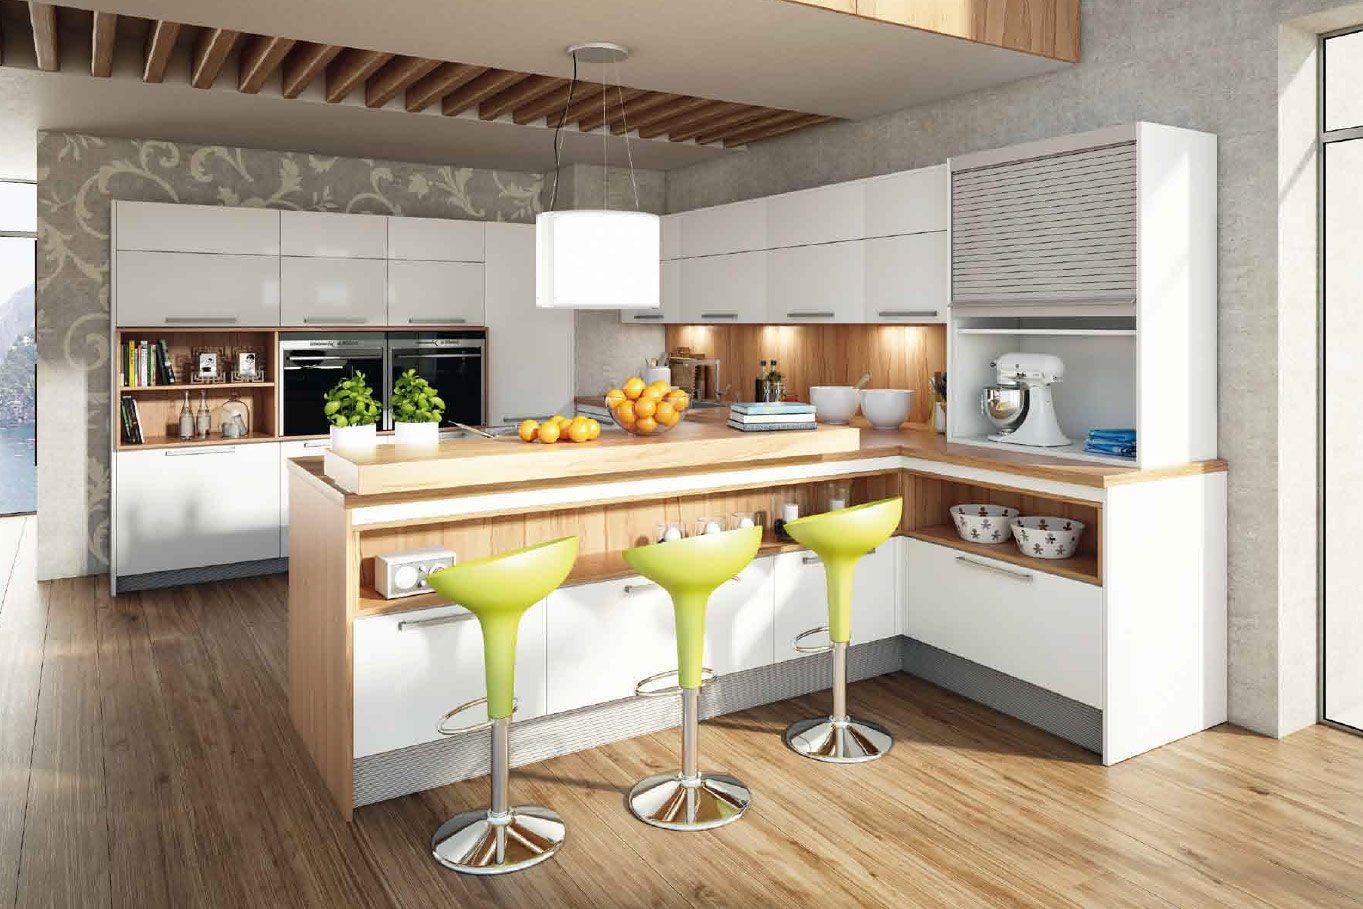 Kleine keuken modellen – atumre.com